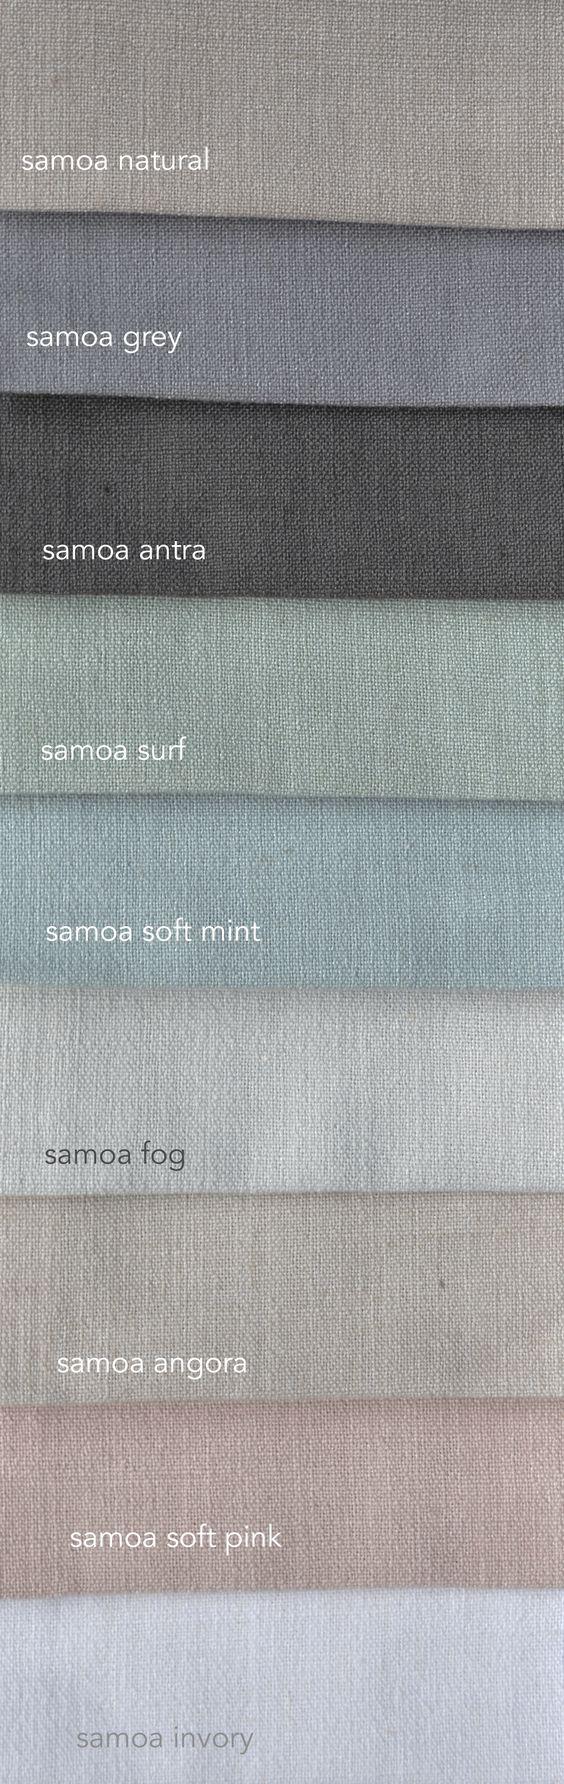 Samoa is een mooie stof met linnen. Daardoor ziet ie er mooi natuurlijk met alle praktische voordelen van polyester. Verkrijgbaar in vele kleuren. En supervoordelig €17,50 per meter!